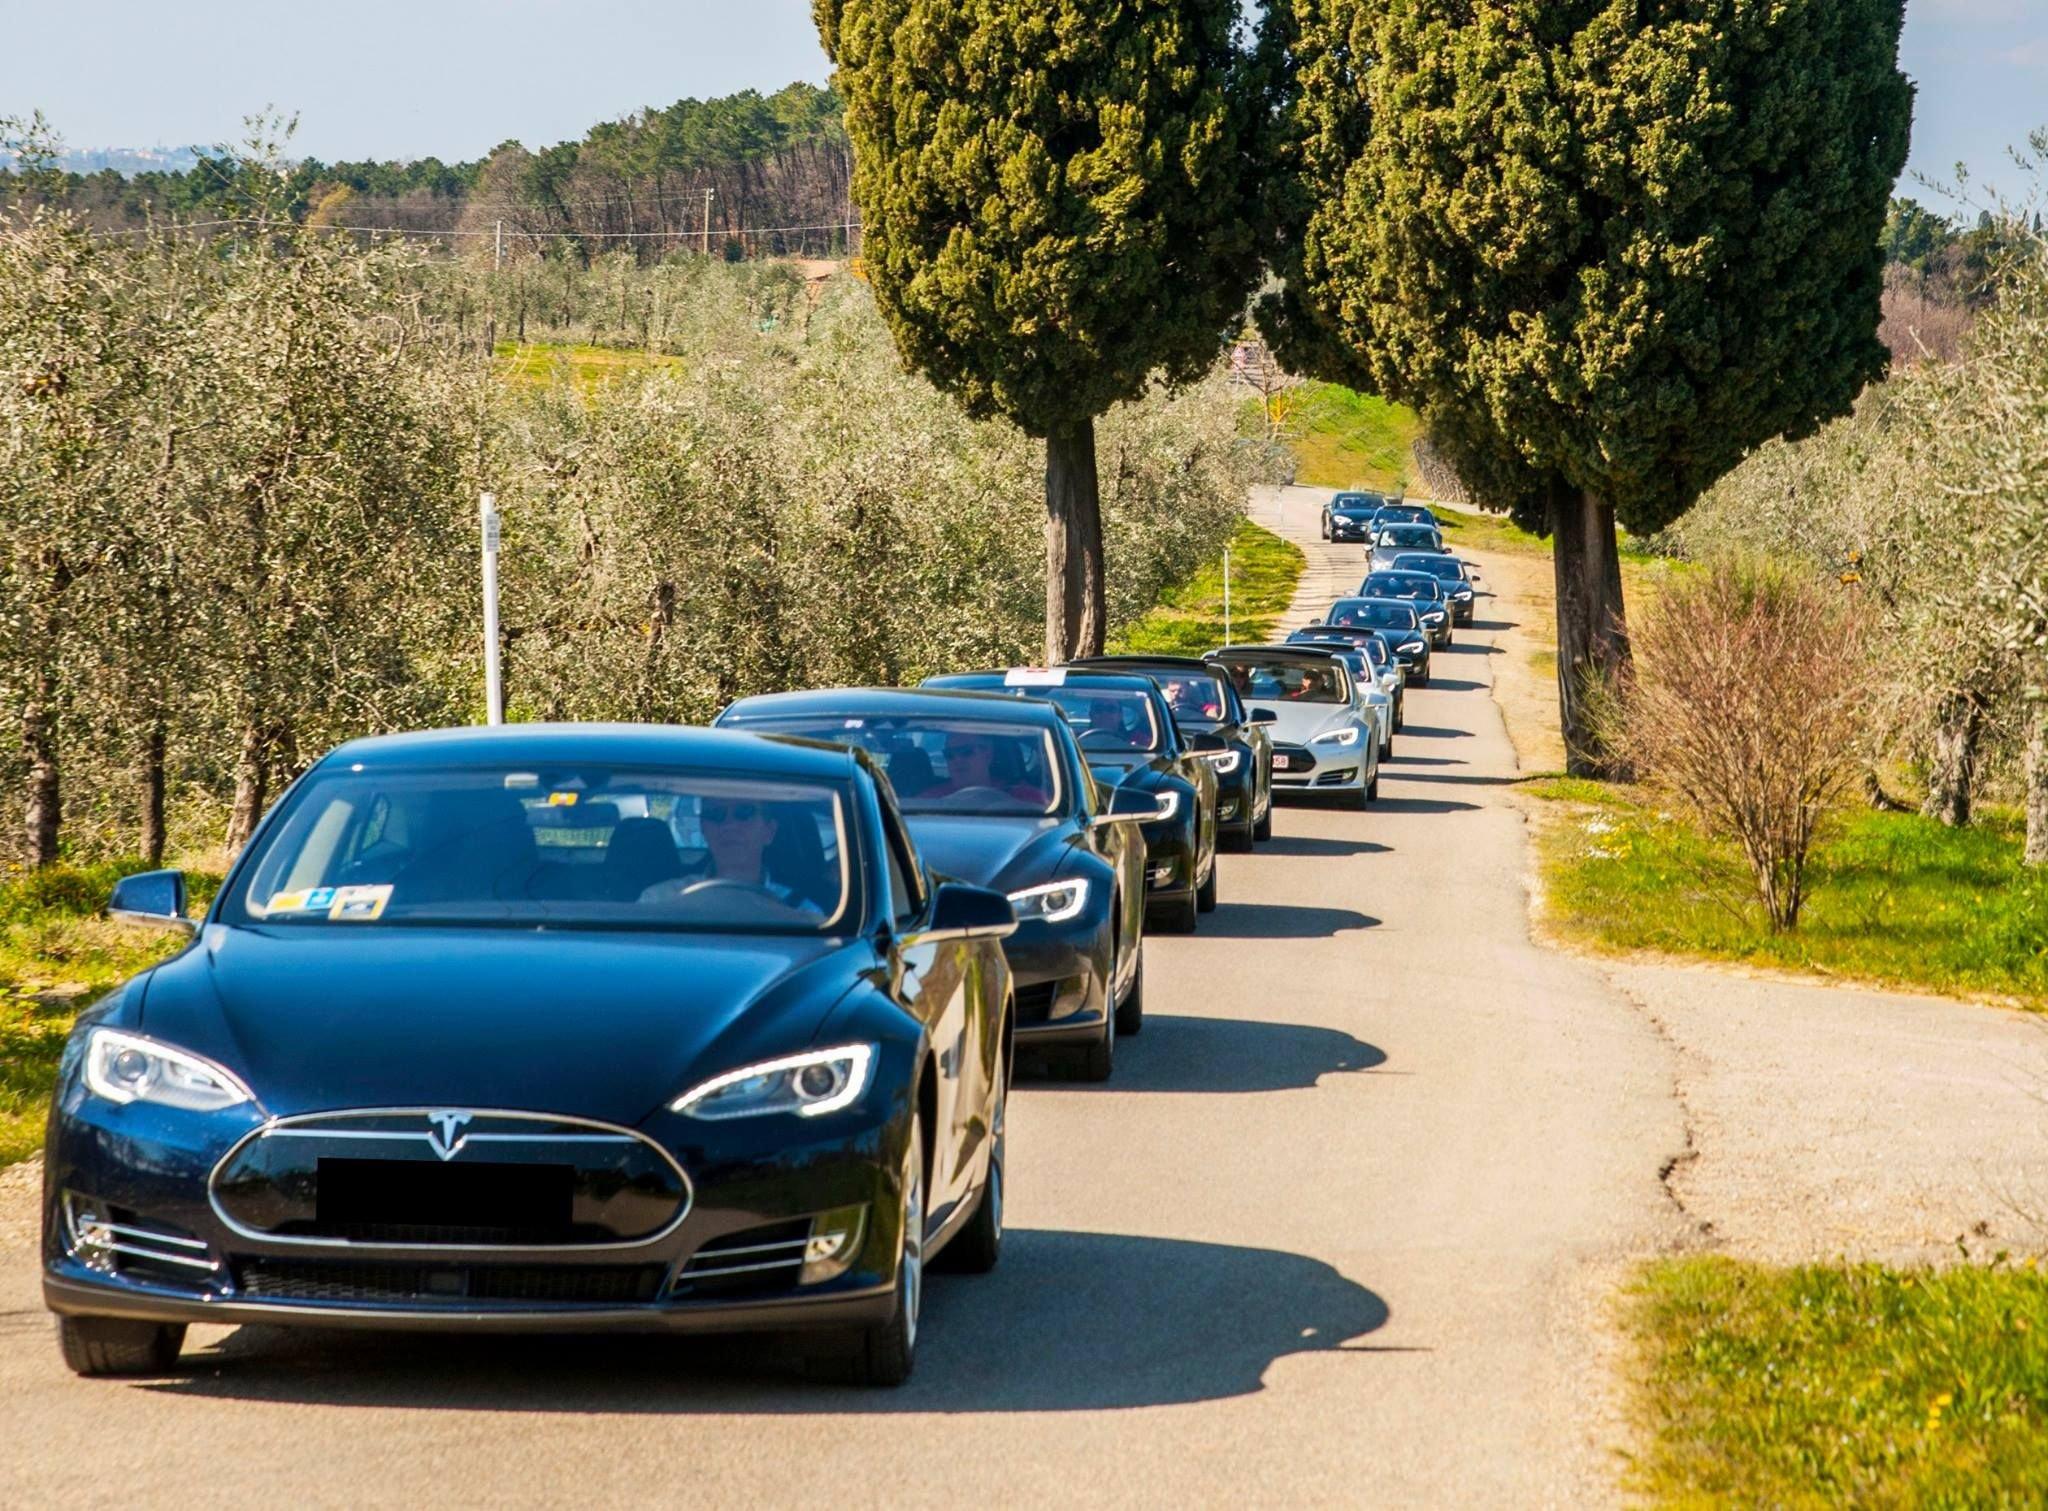 ВРФ могут отменить транспортный сбор наэлектрокары